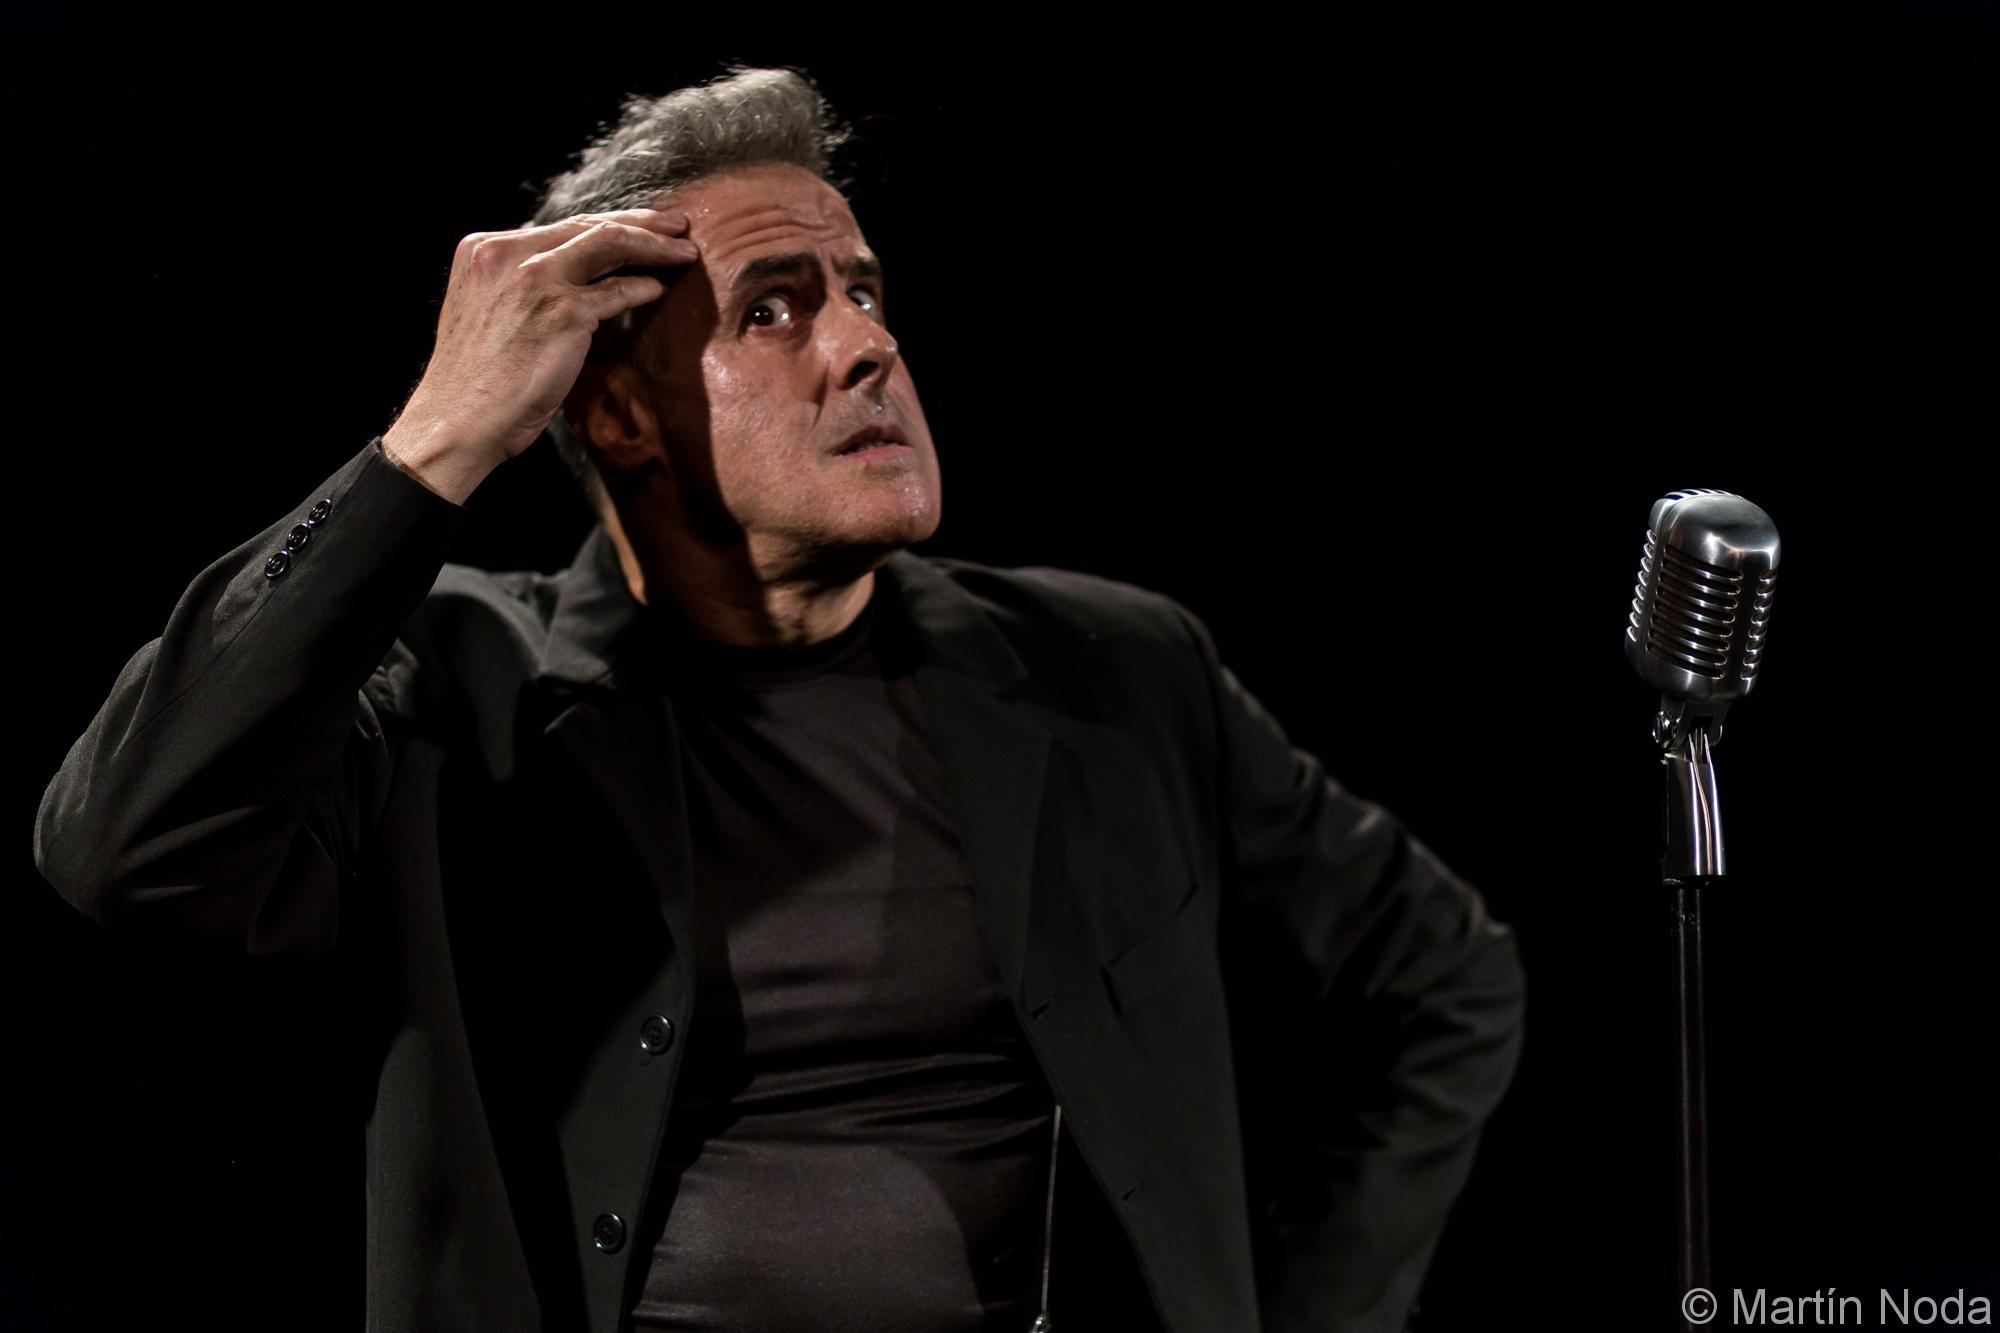 Pierre Fatus